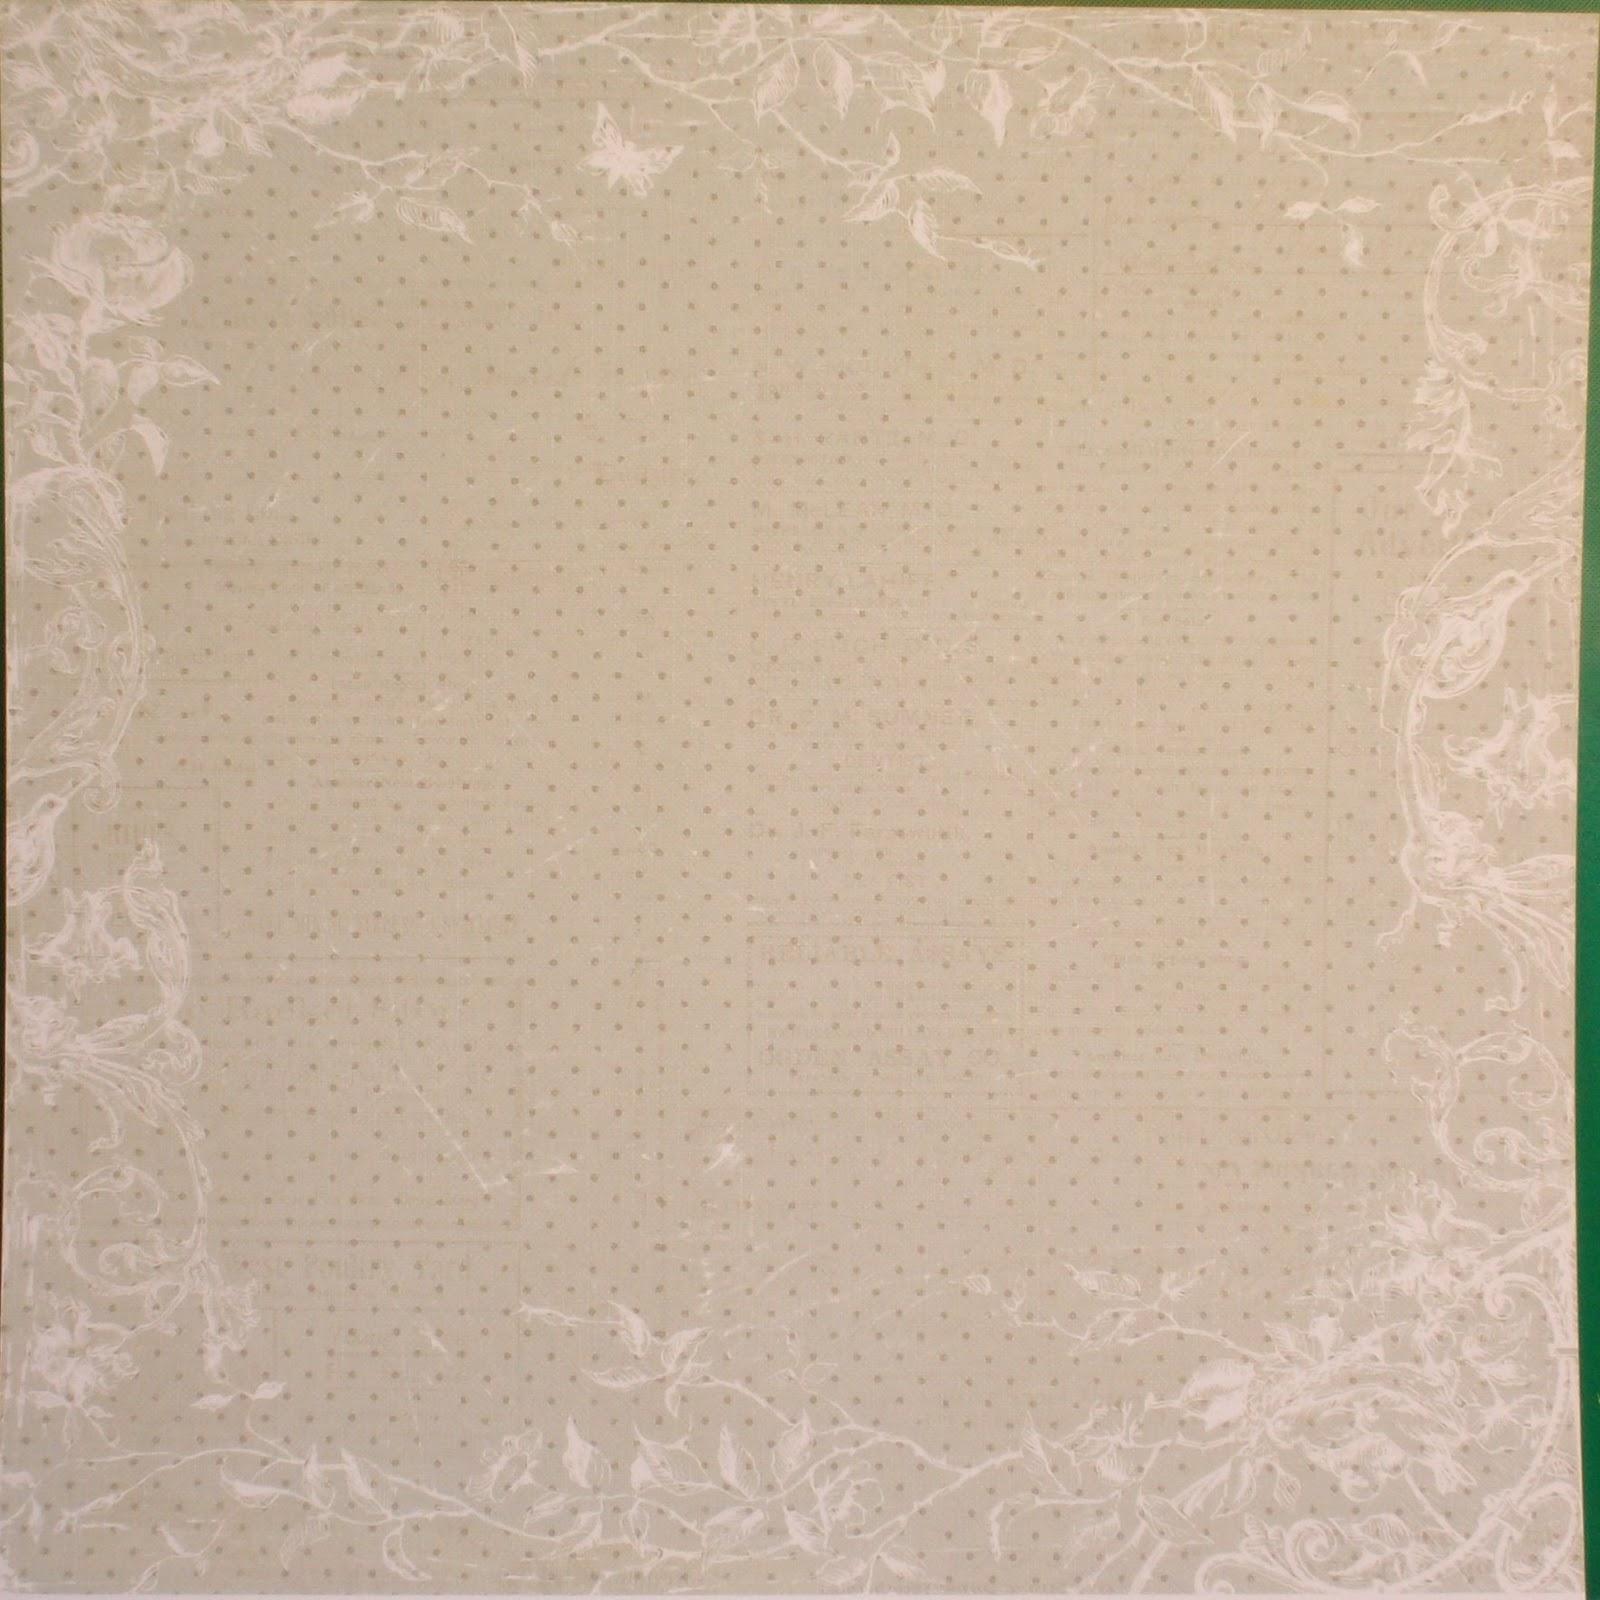 Papeles servilletas y telas de tere papel vintage 024 - Papeles y telas ...